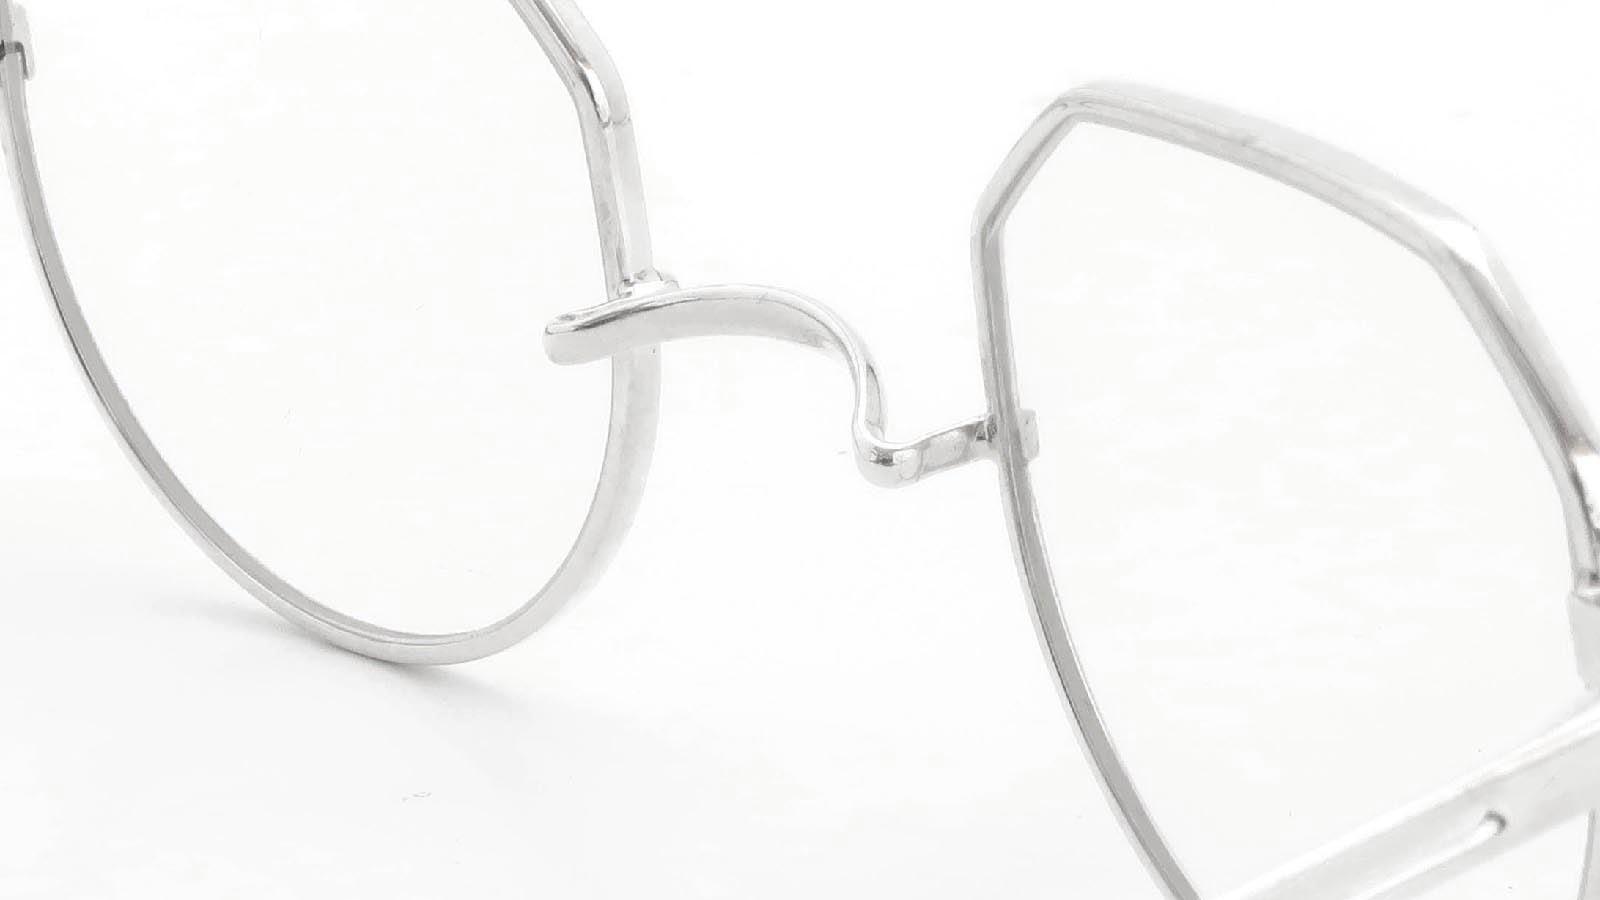 GERNOT LINDNER GL-KYOTO mod.KYOTOⅠ Medium-Bridge Adjustable 8